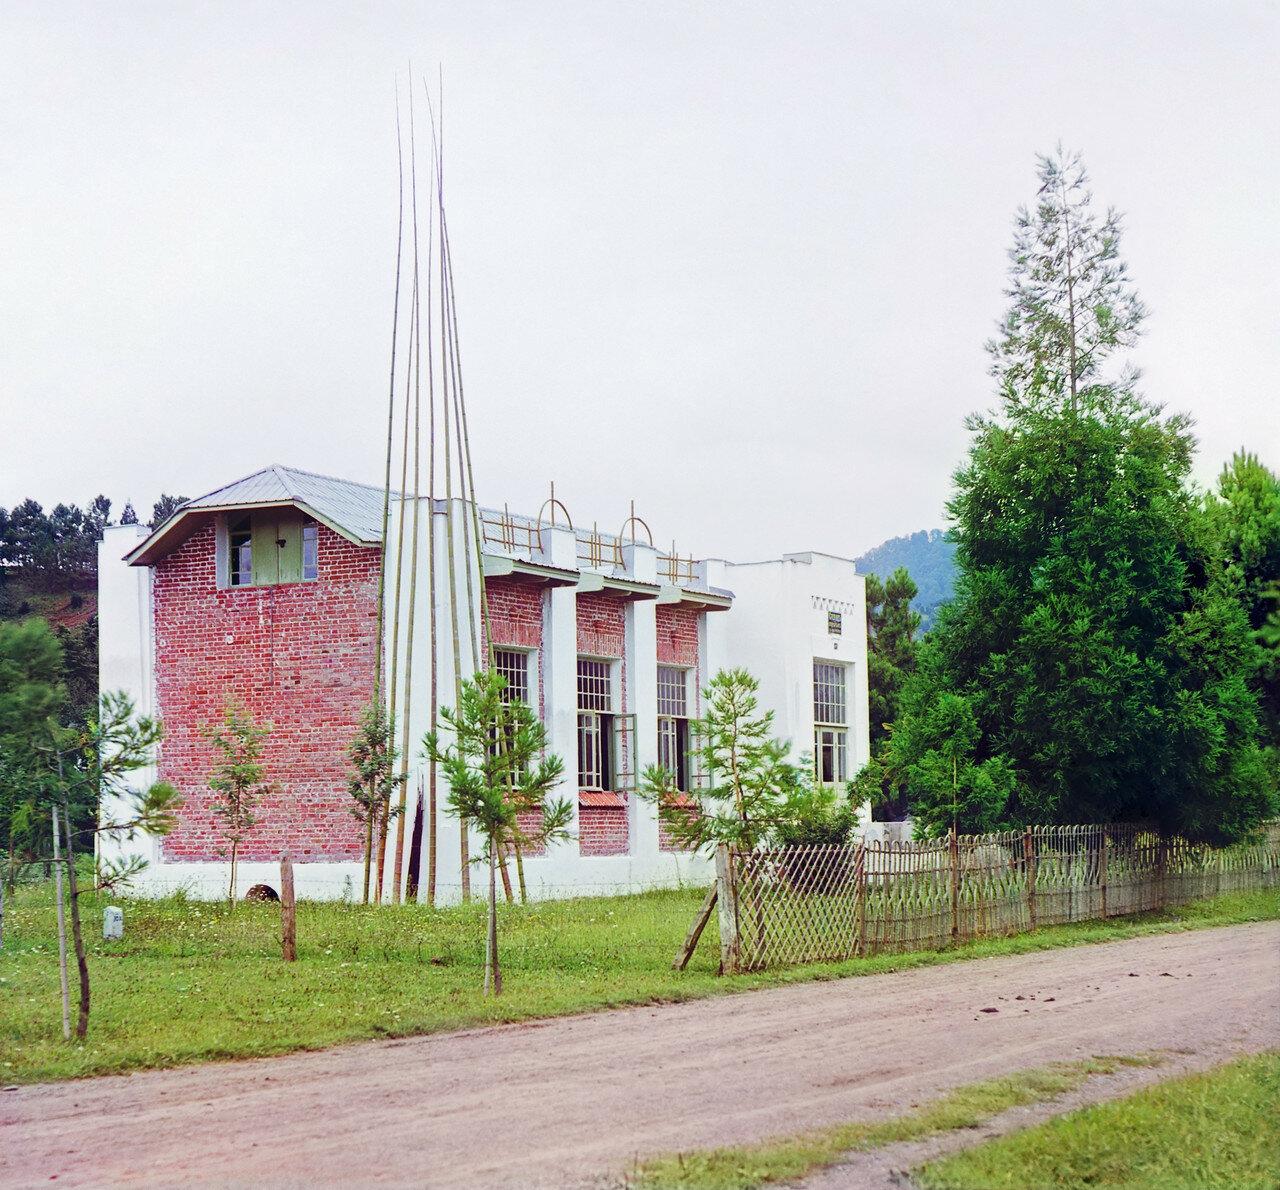 Окрестности Батума.  Чаква. Бамбуковая мастерская